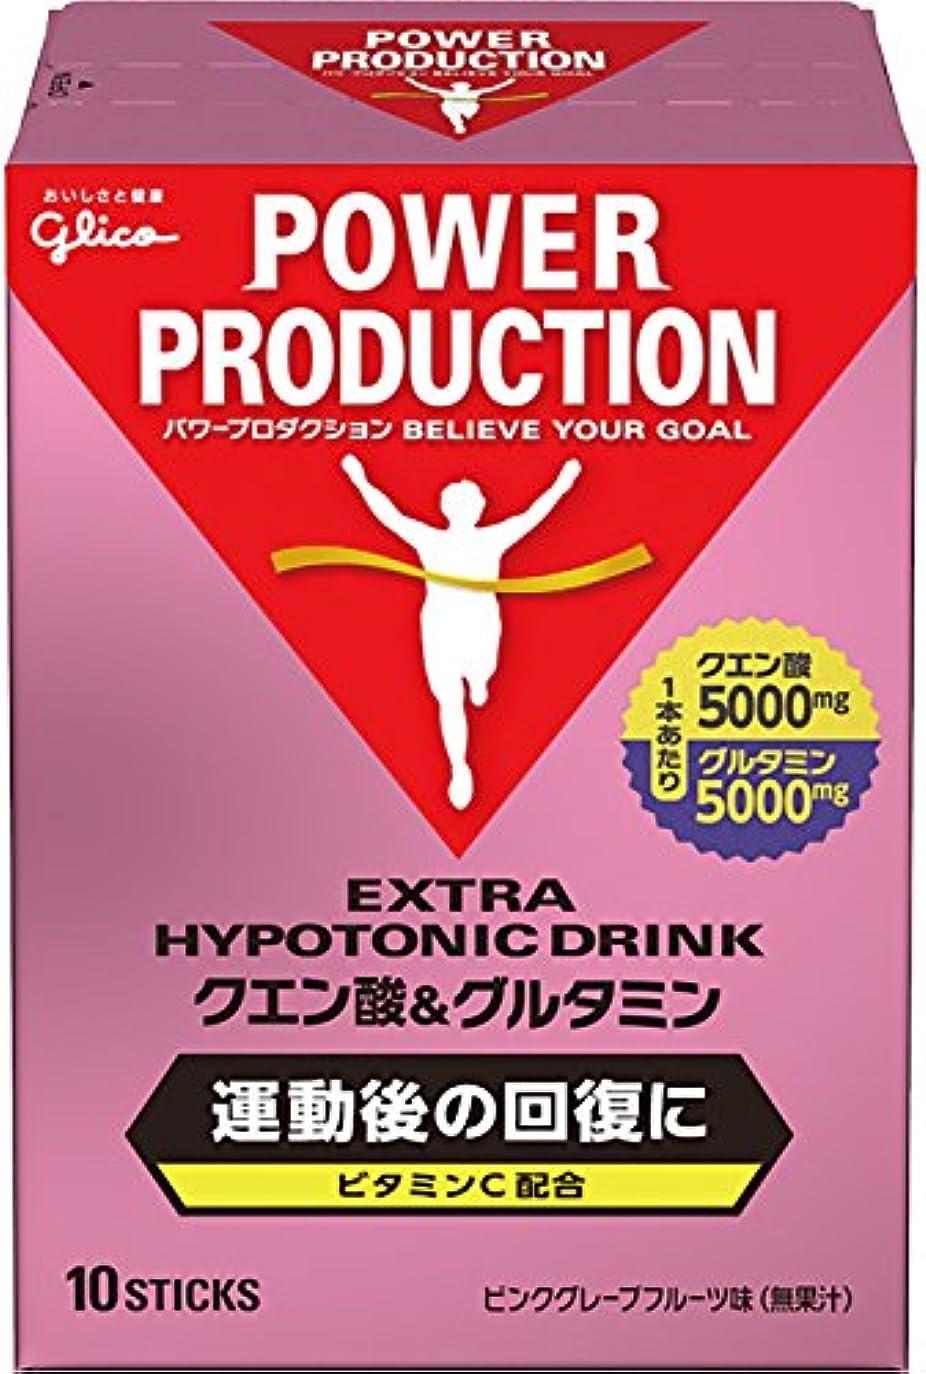 評価素晴らしき契約したグリコ パワープロダクション エキストラ ハイポトニックドリンク クエン酸&グルタミン ピンクグレープフルーツ味 1袋 (12.4g) 10本